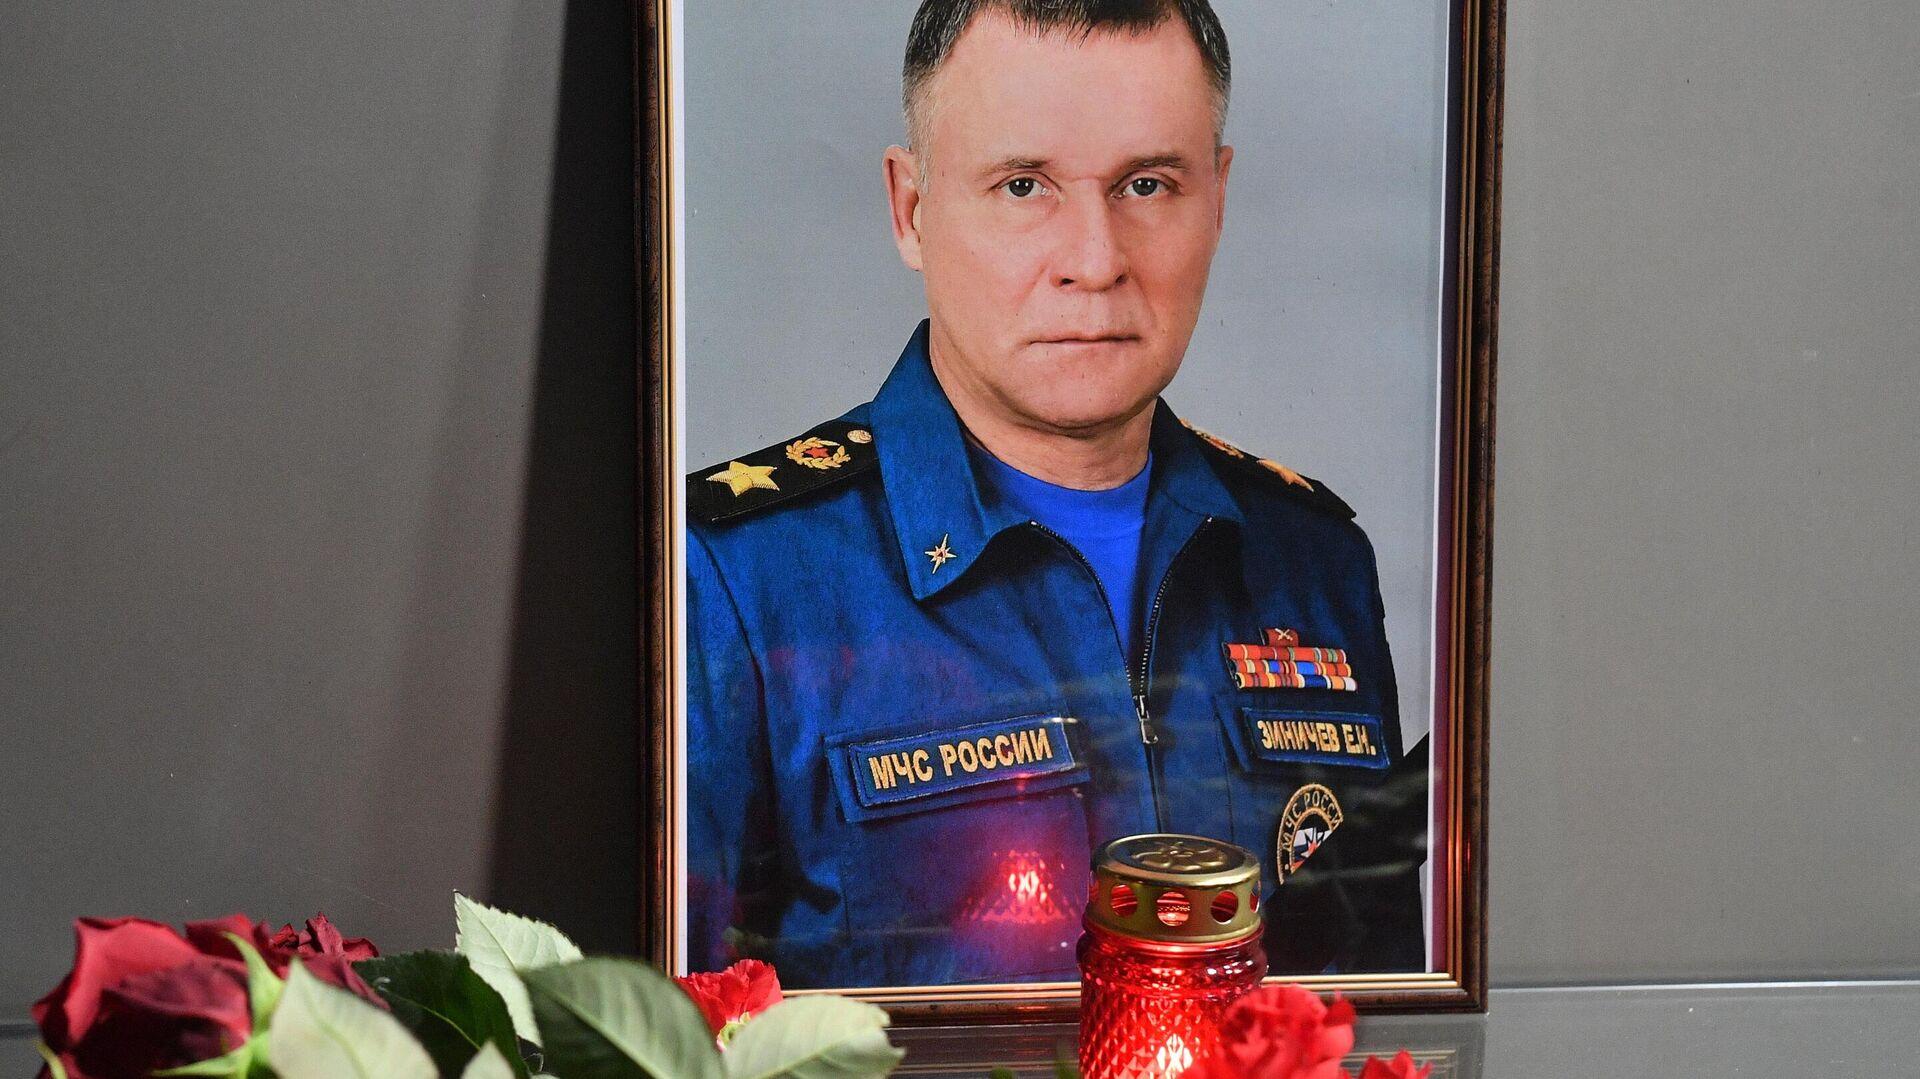 Цветы в память о главе МЧС Е. Зиничеве - Sputnik Узбекистан, 1920, 09.09.2021